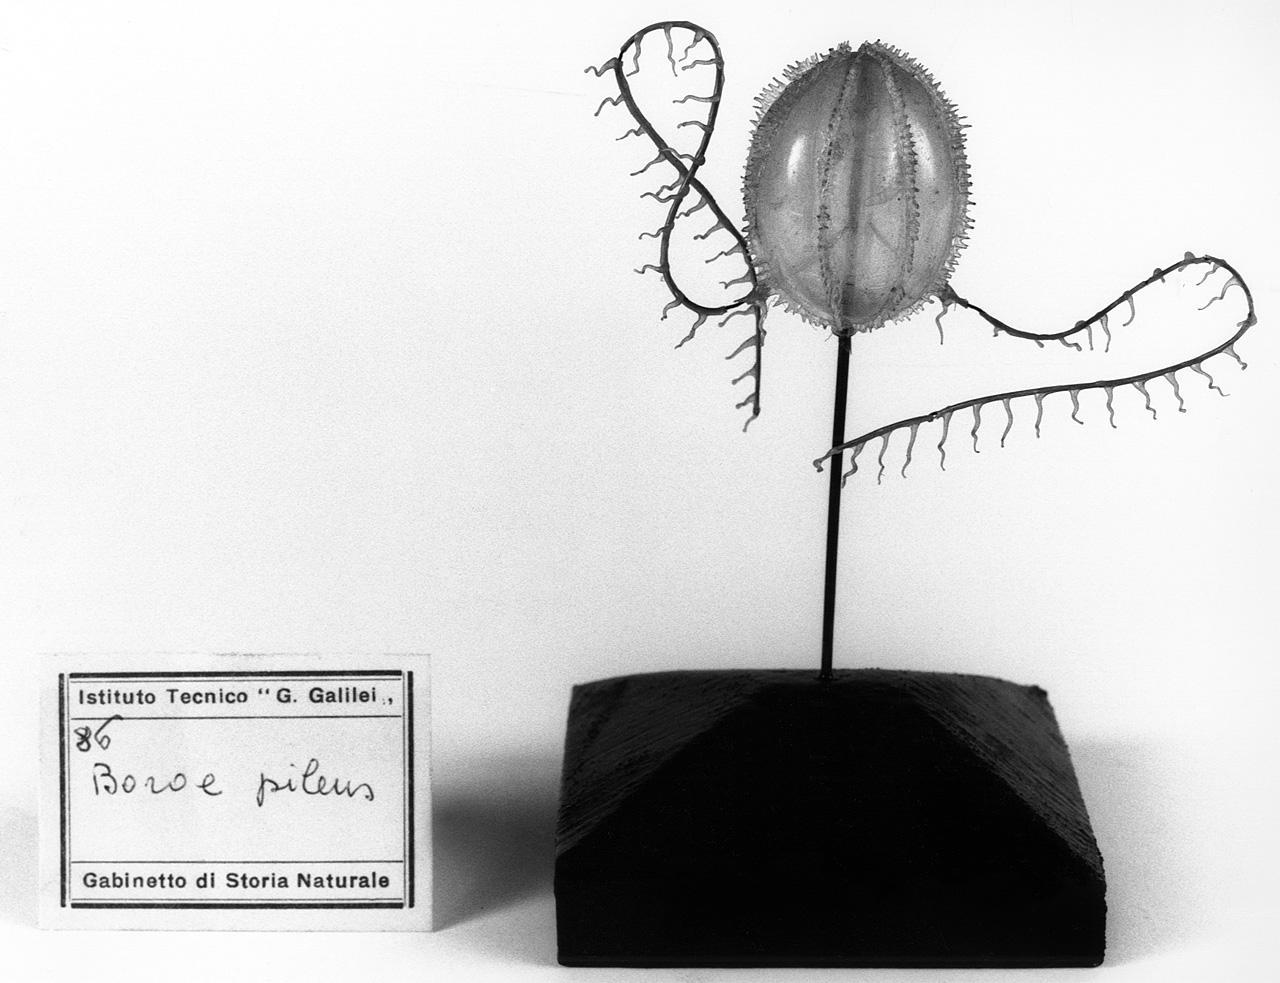 Boroe pileus, organismo marino (modello) - manifattura di Dresda (seconda metà sec. XIX)